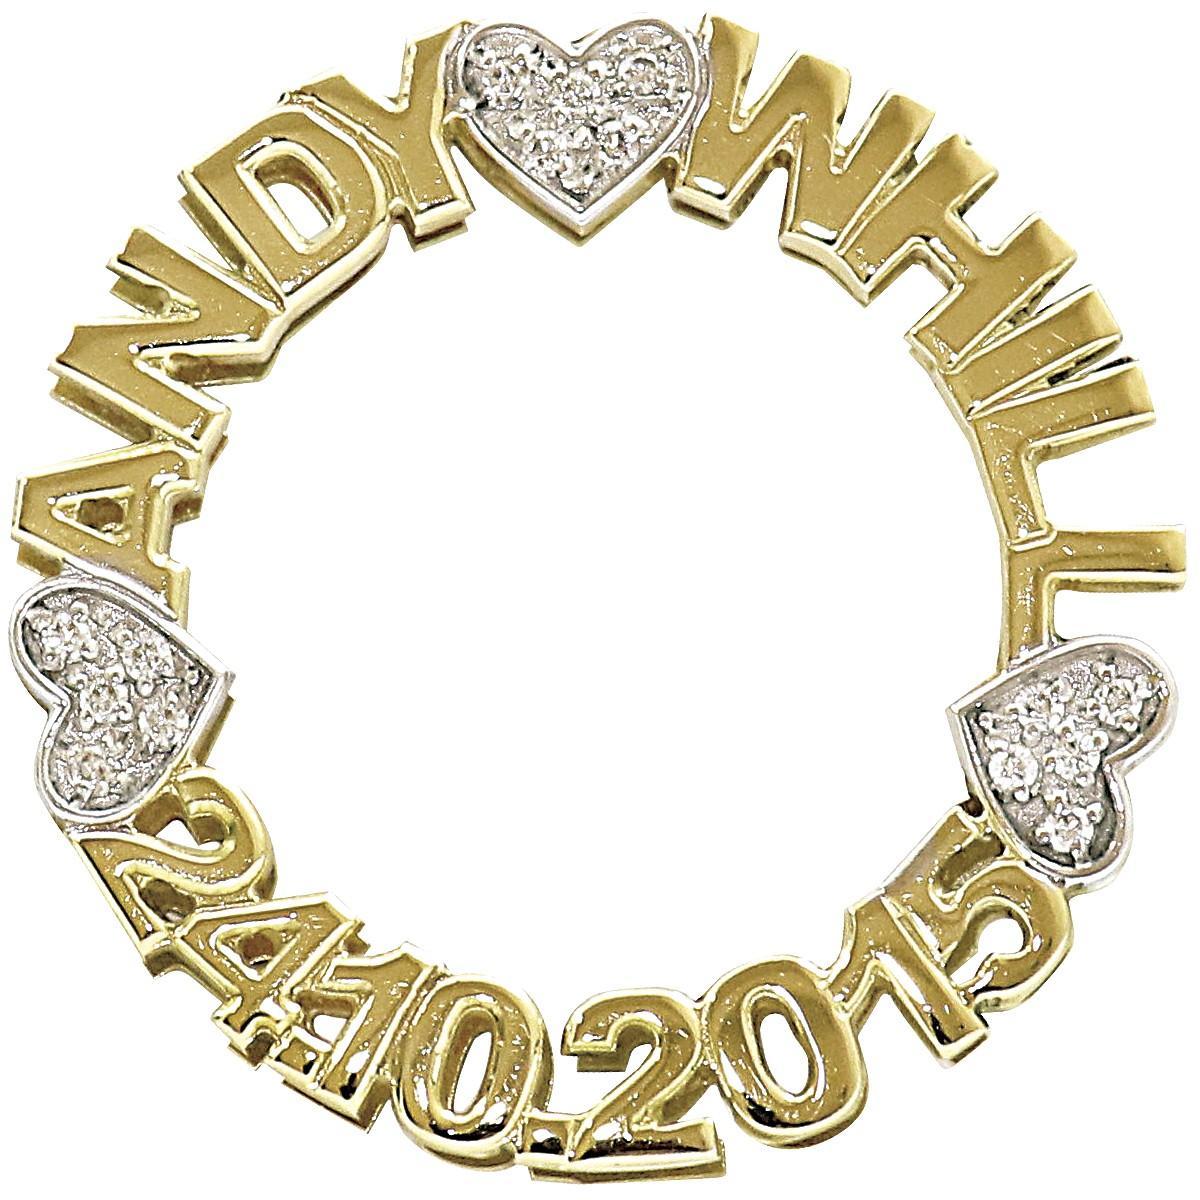 24d91f0b81d78 Compre Pingente Mandala Ouro 18k 750au em 10X